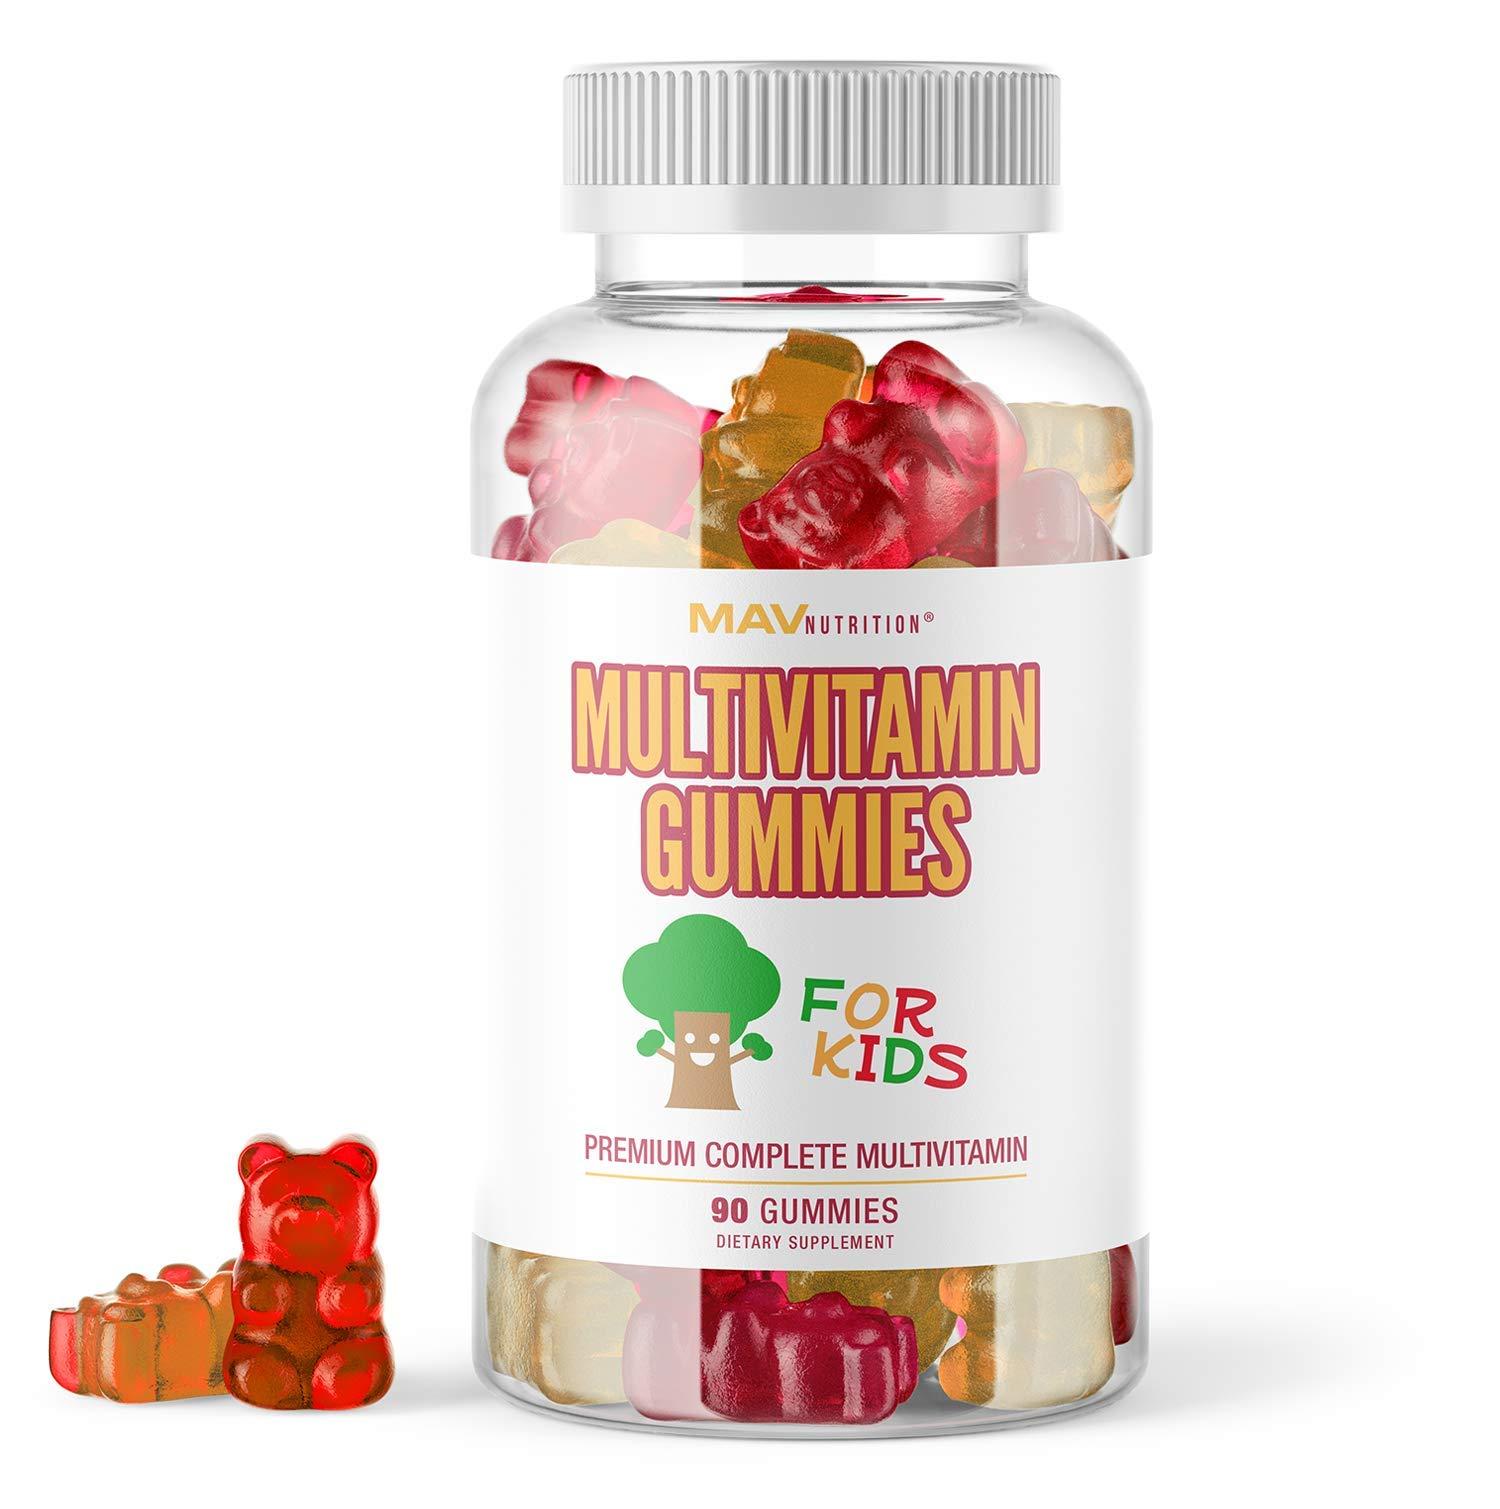 MAV Nutrition Multivitamins Kids Gummies